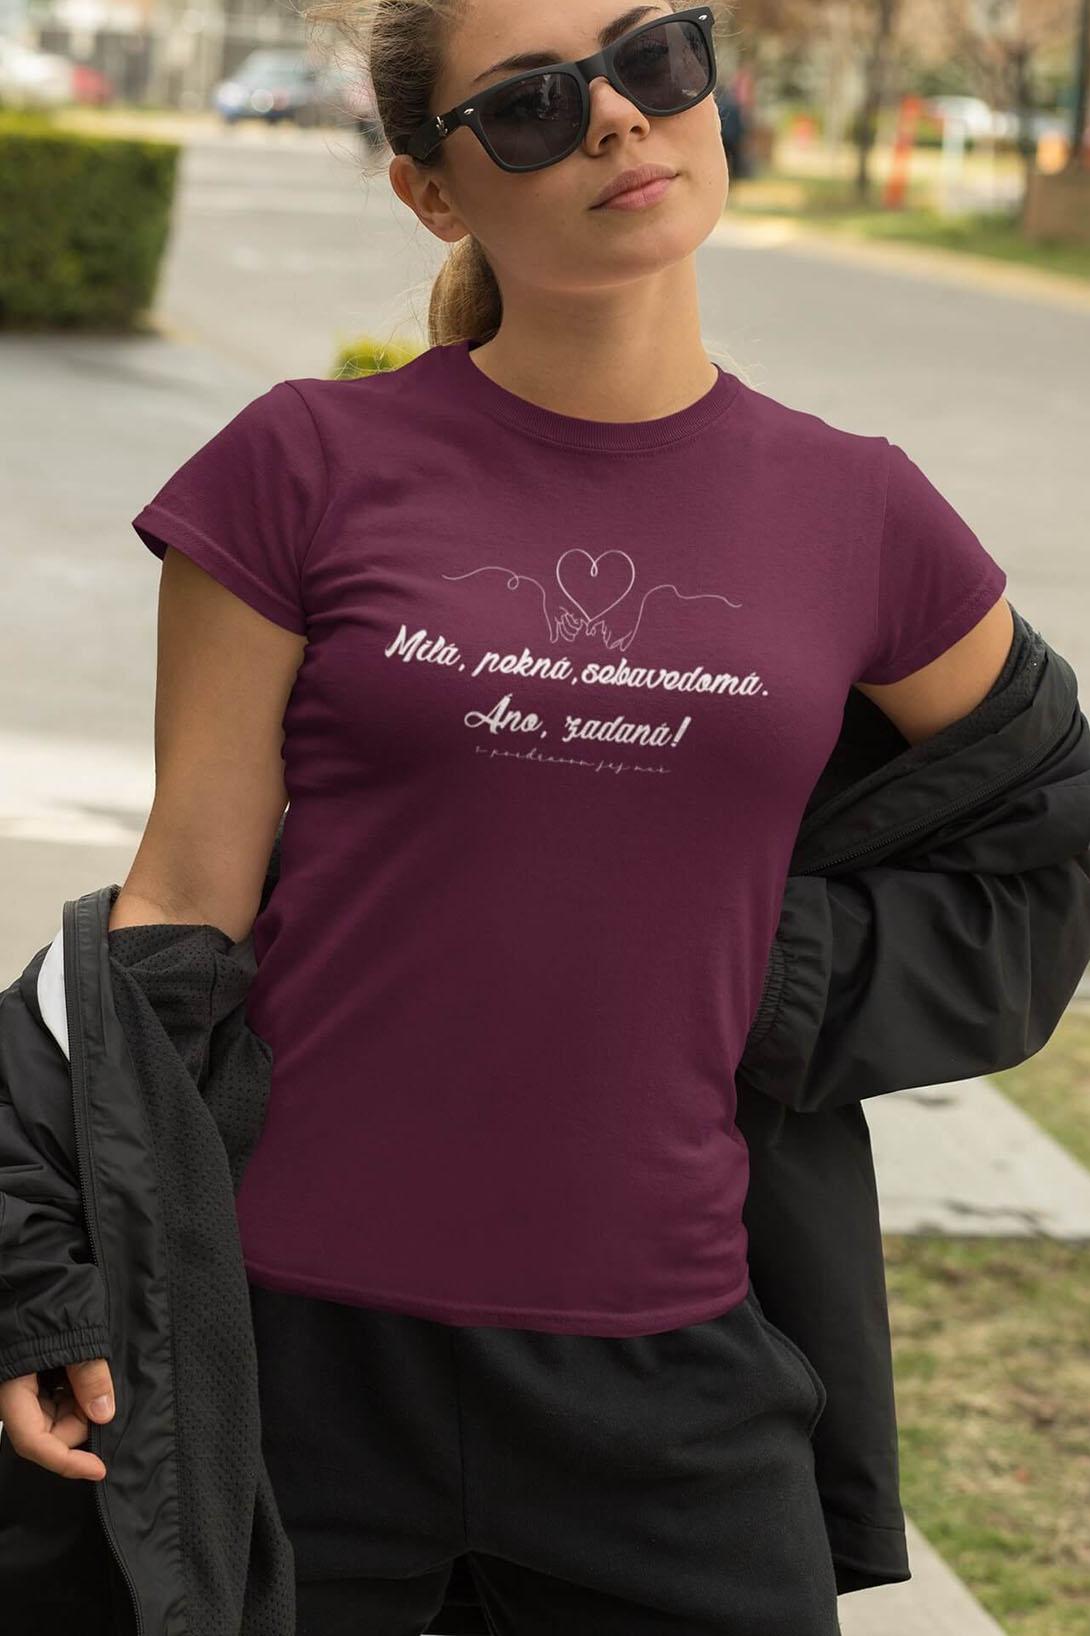 MMO Dámske tričko Milá, pekná, sebavedomá Vyberte farbu: Fuchsiová, Vyberte veľkosť: M